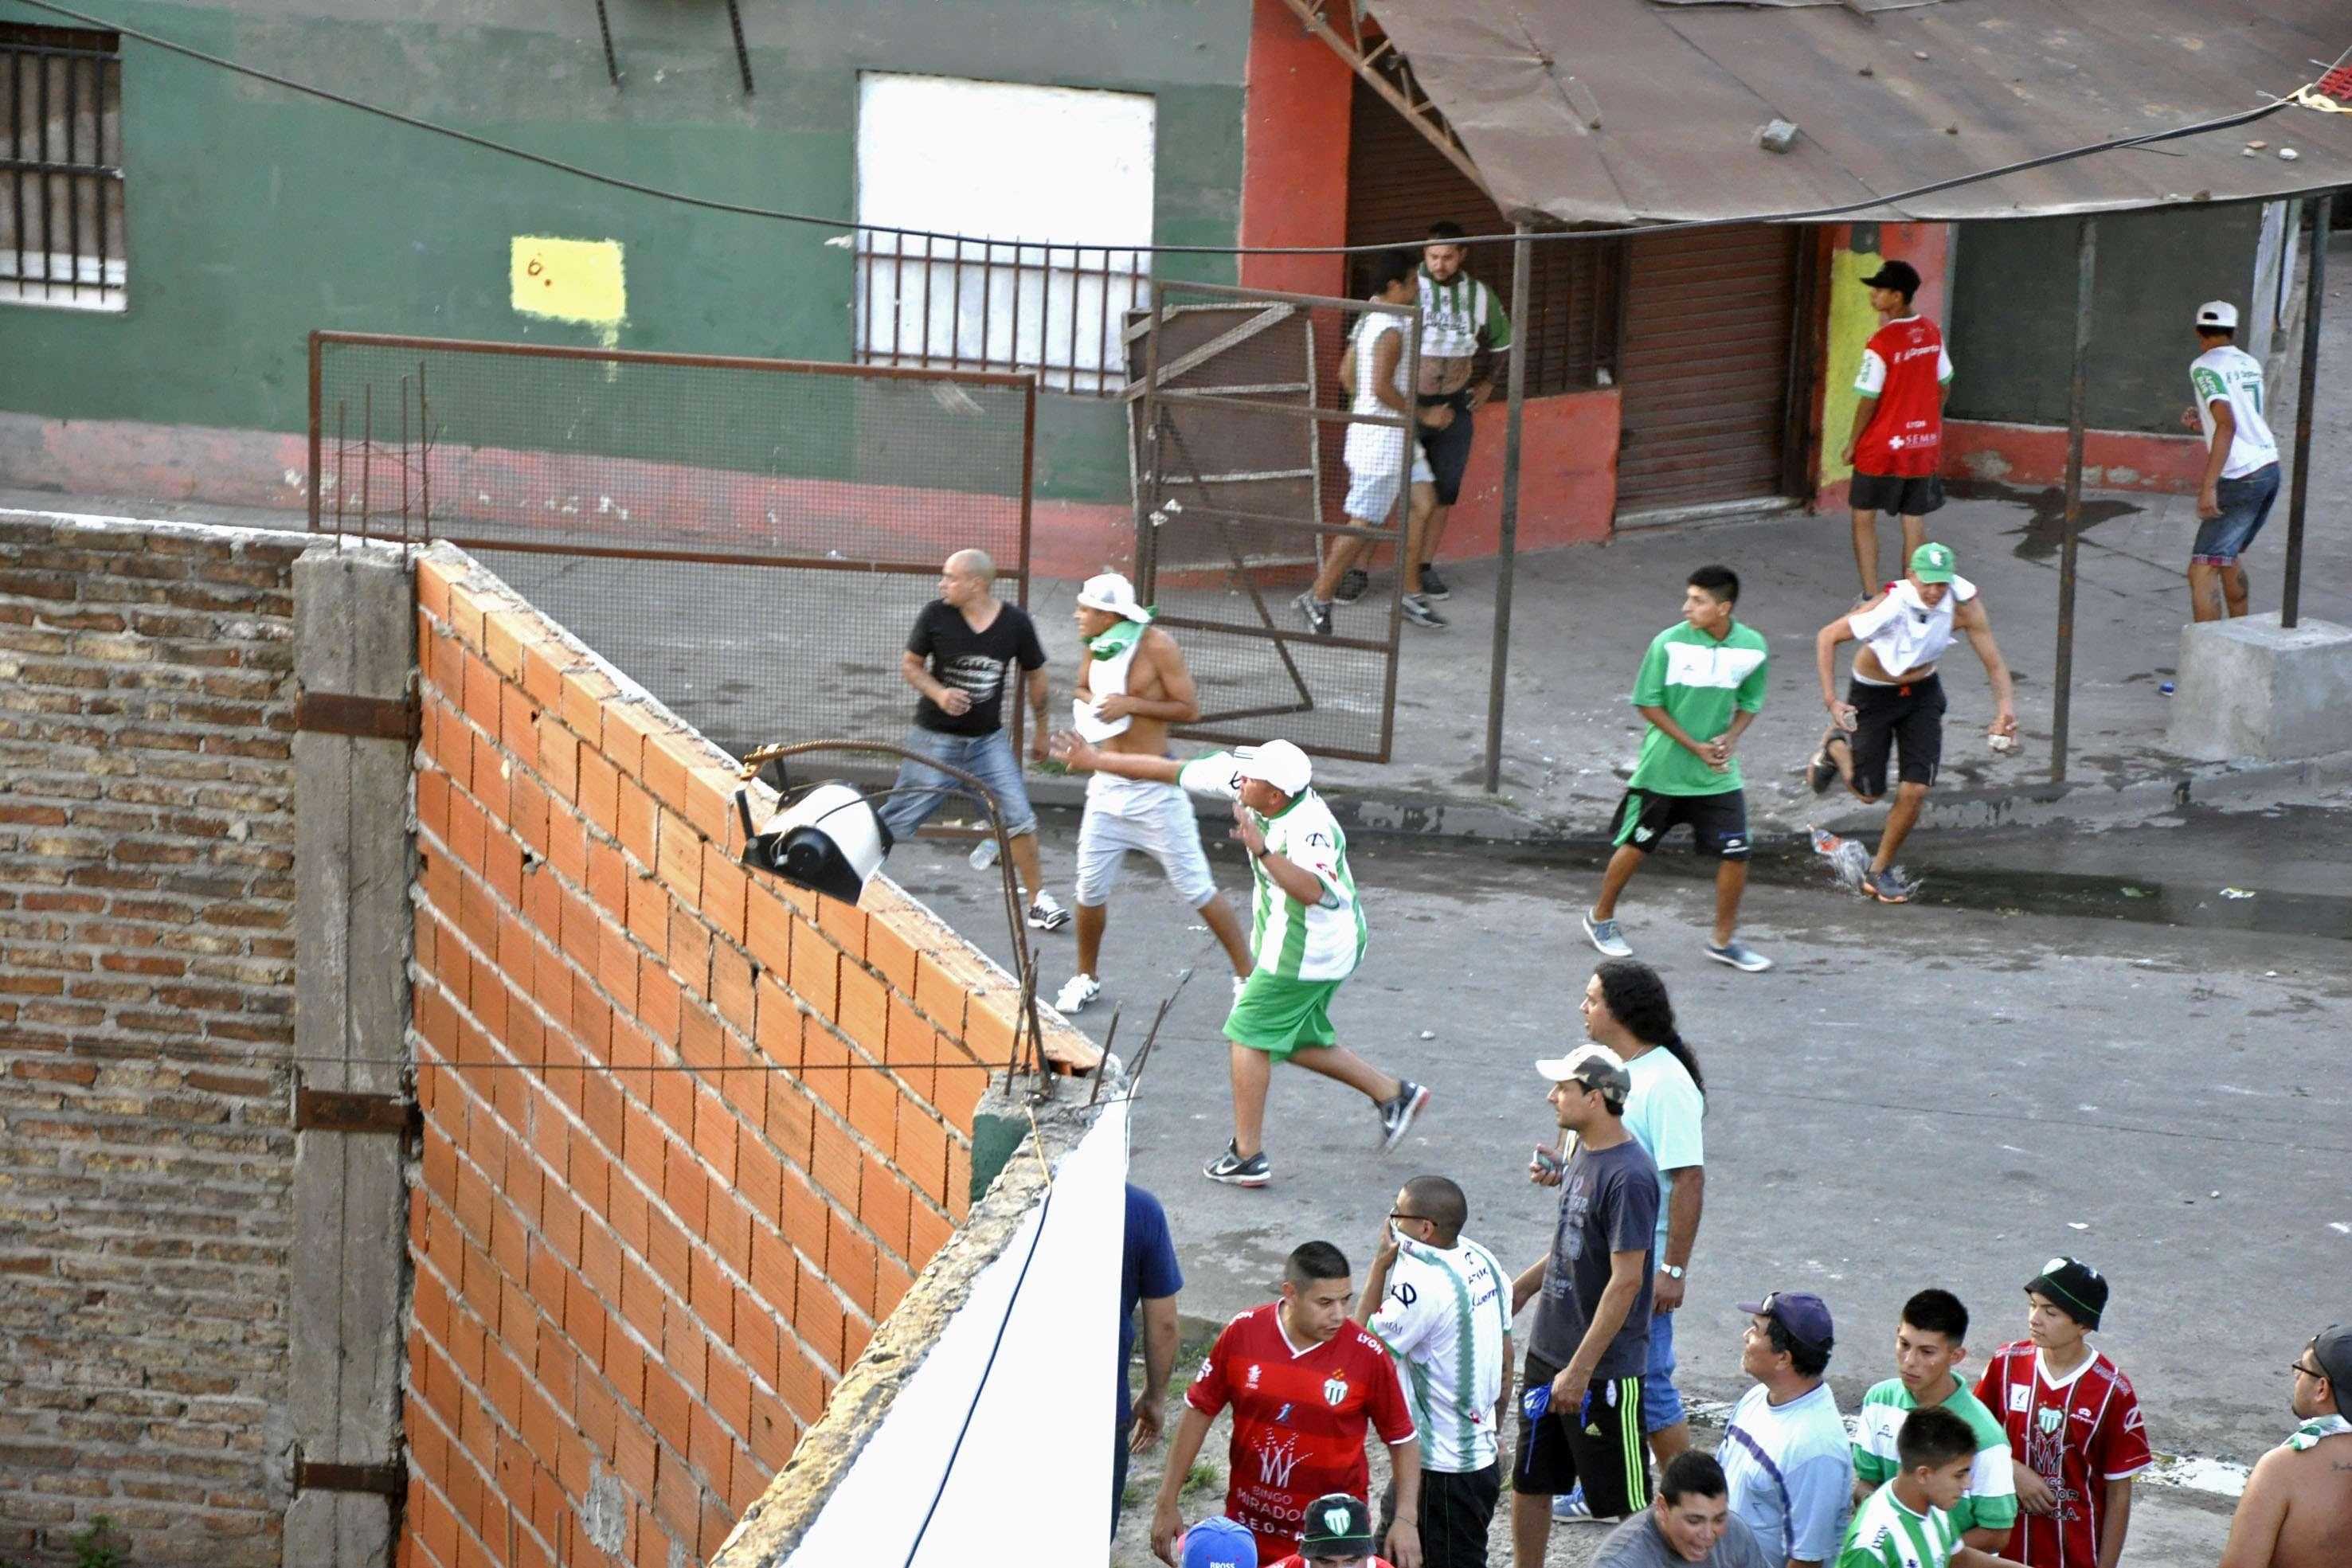 Los incidentes se produjeron entre la hinchada de Deportivo Laferrere y la Policía Bonaerense que brindaba seguridad en el partido. Foto: NA